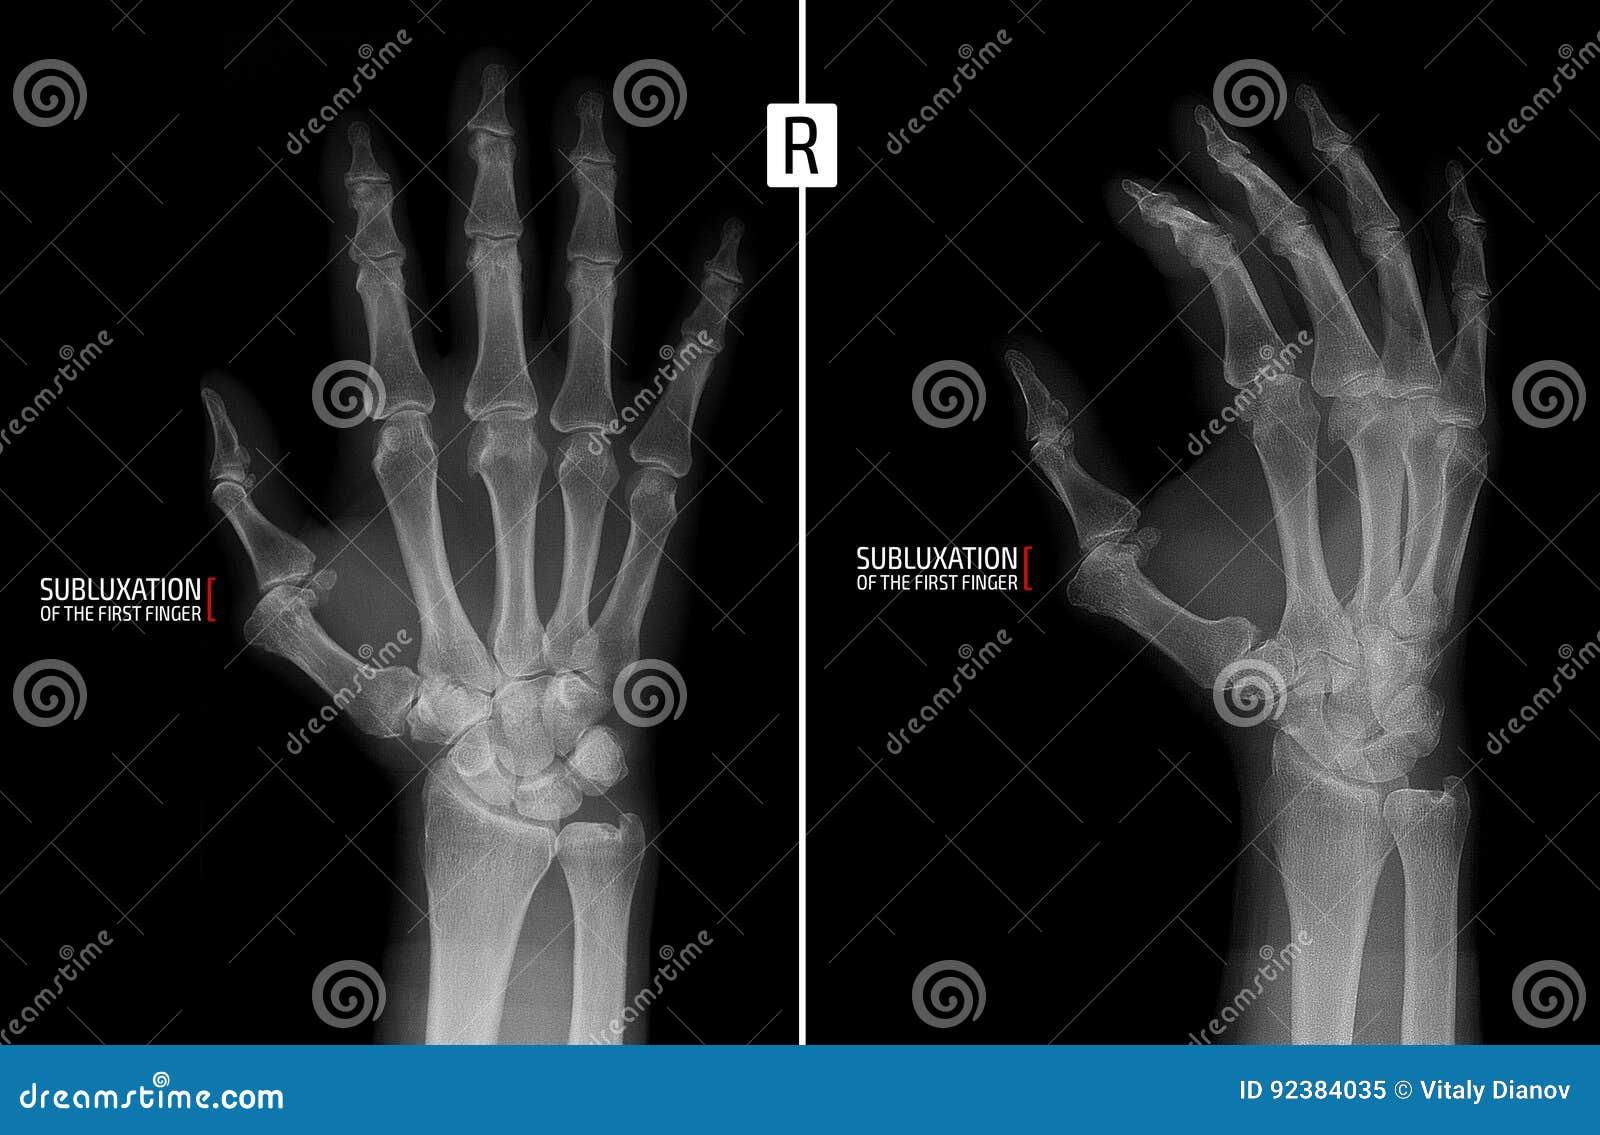 Promieniowanie rentgenowskie ręka Pokazuje subluxation proximal paliczek pierwszy palec prawa ręka markiery